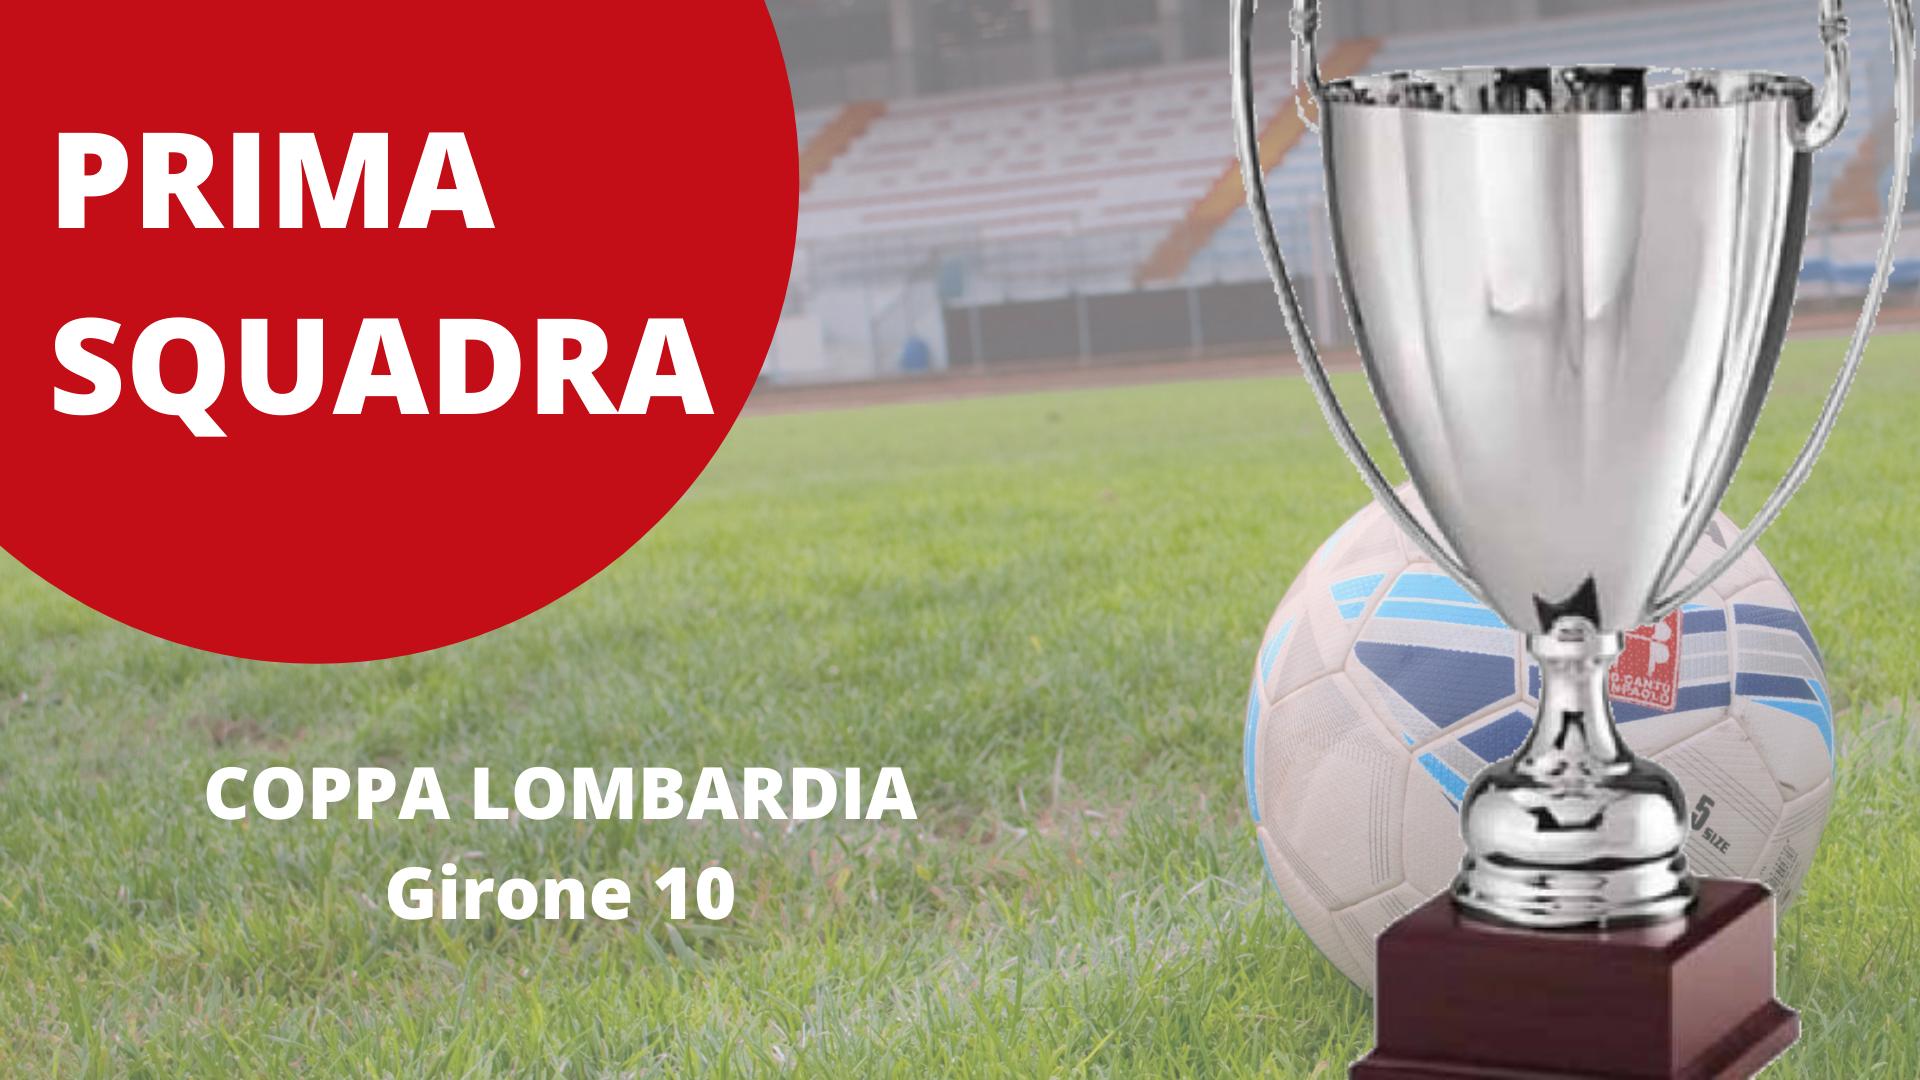 Prima Squadra | Coppa Lombardia